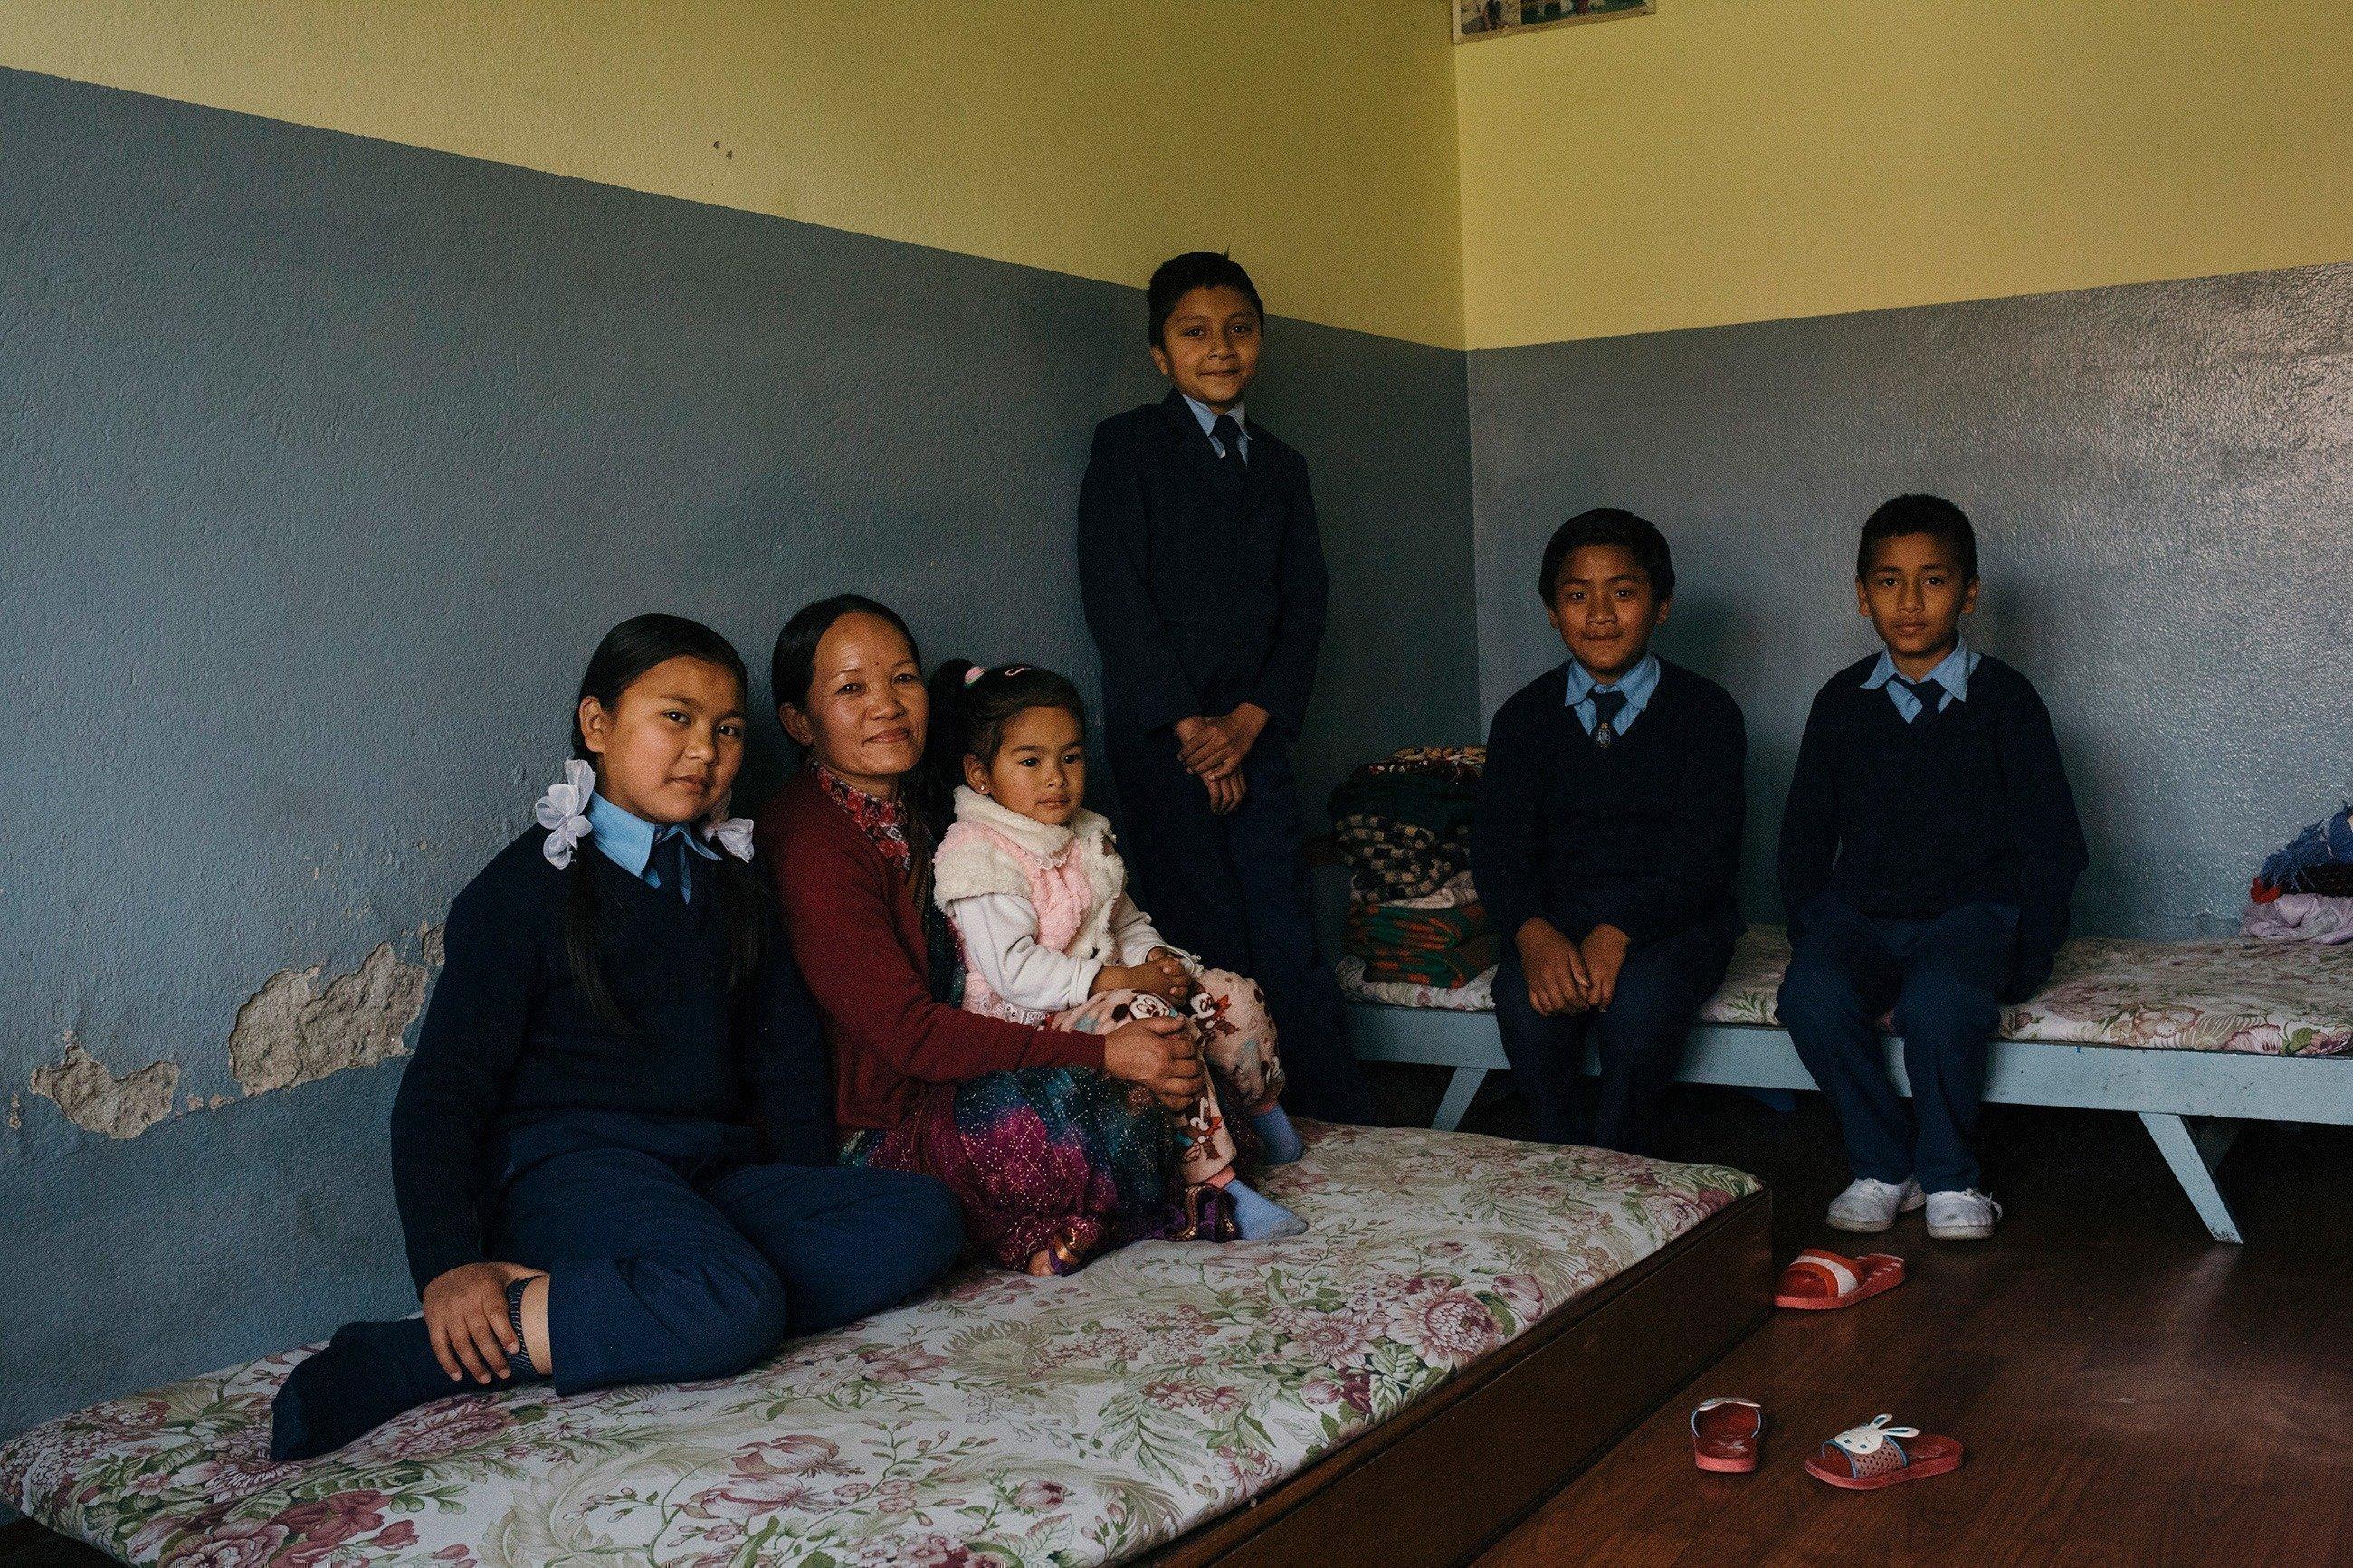 Eine Familie sitzt in einem Raum auf provisorischen Betten.